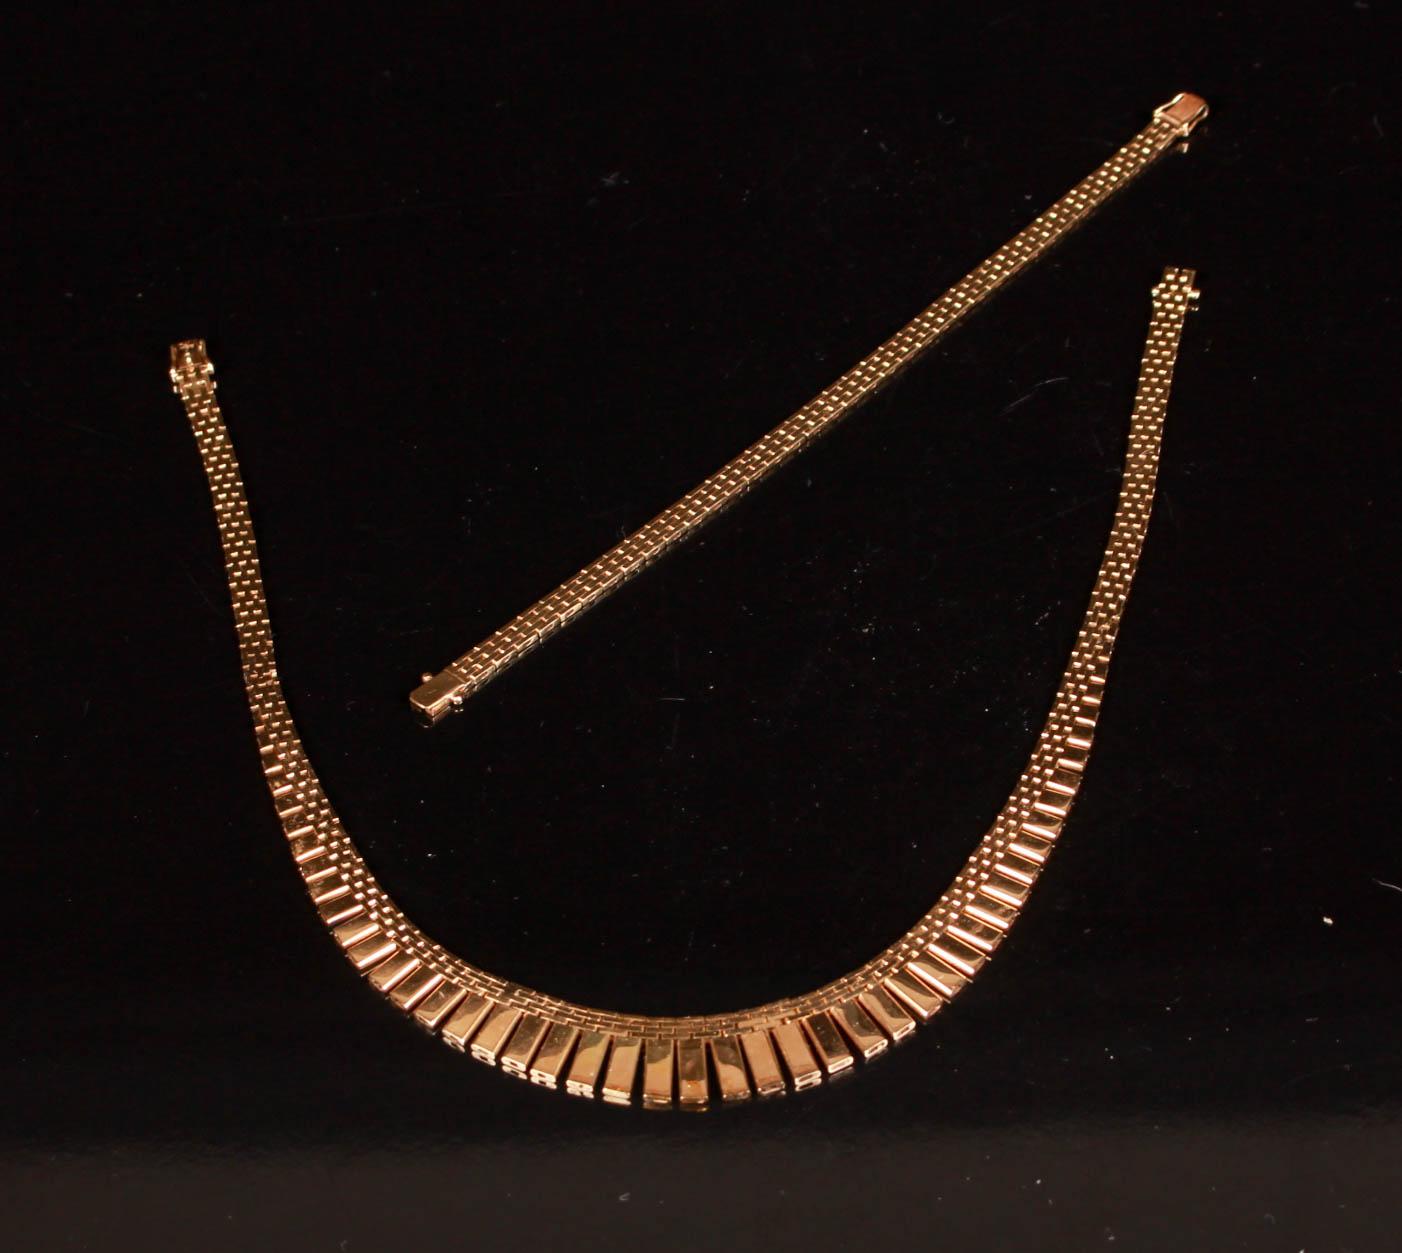 Halskæde og armbånd af 14 kt guld. samlet vægt 52 gram - Halskæde og armbånd af 14 kt guld i murstensmønster, frontstykke på halssmykke i doseret forløb. Længde 38 cm. og 19 cm.Vægt 52 gr. Fremstår med alm. let brugspræg